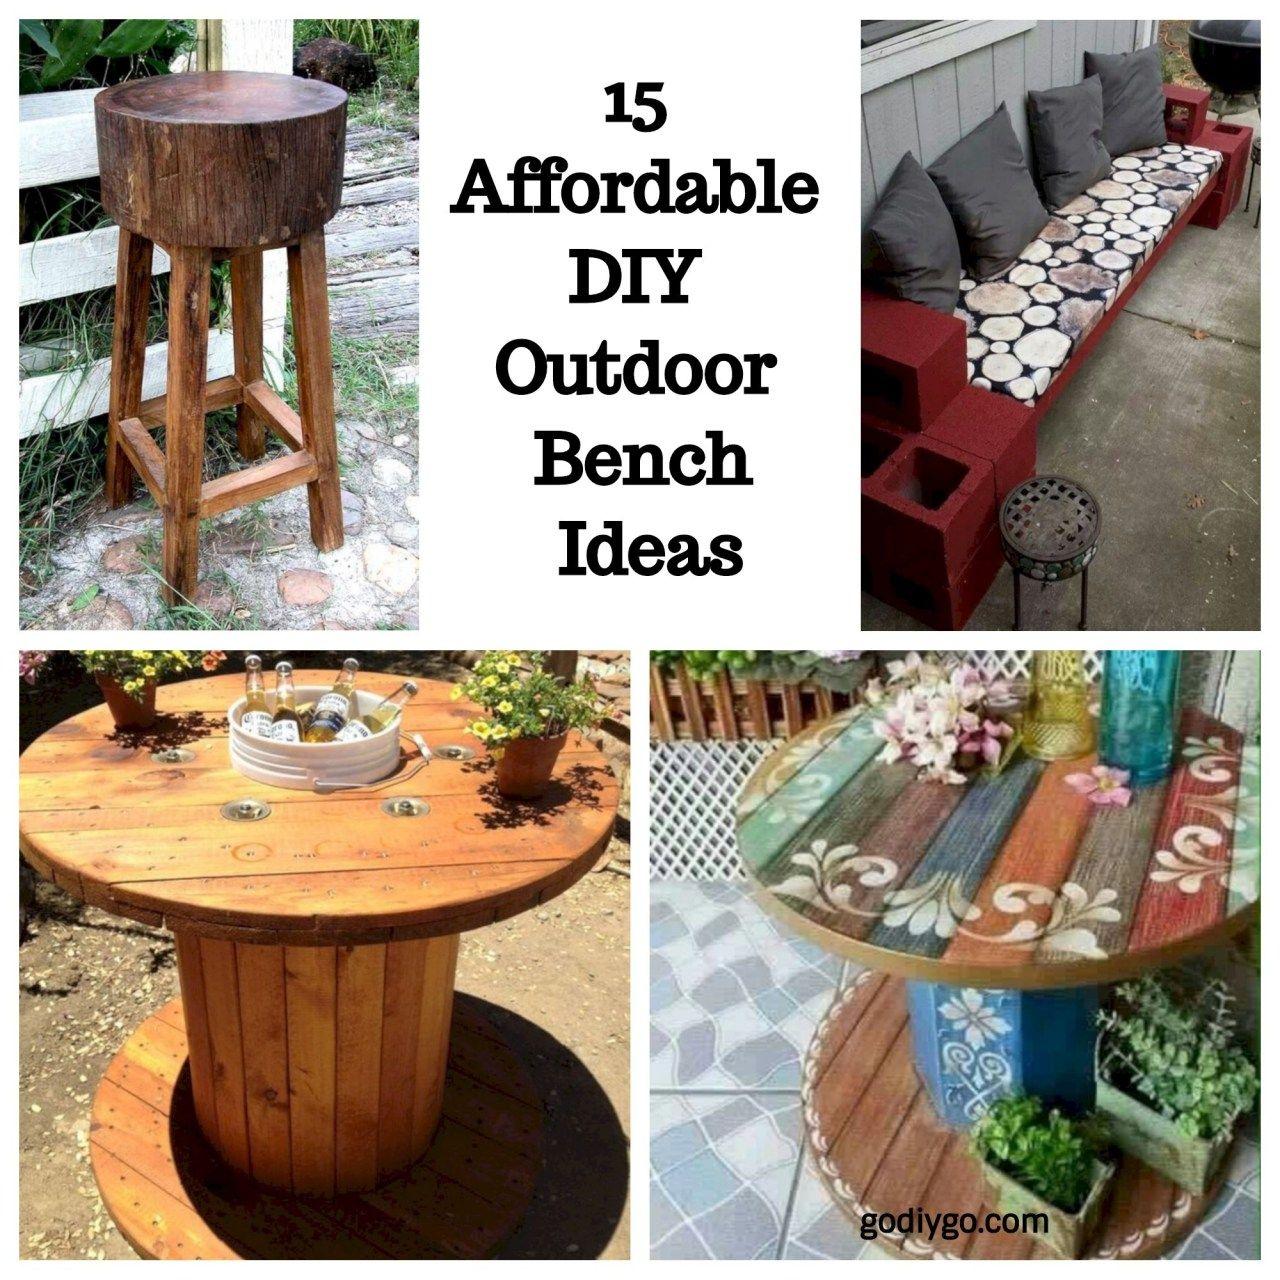 15 Affordable DIY Outdoor Bench Ideas Diy